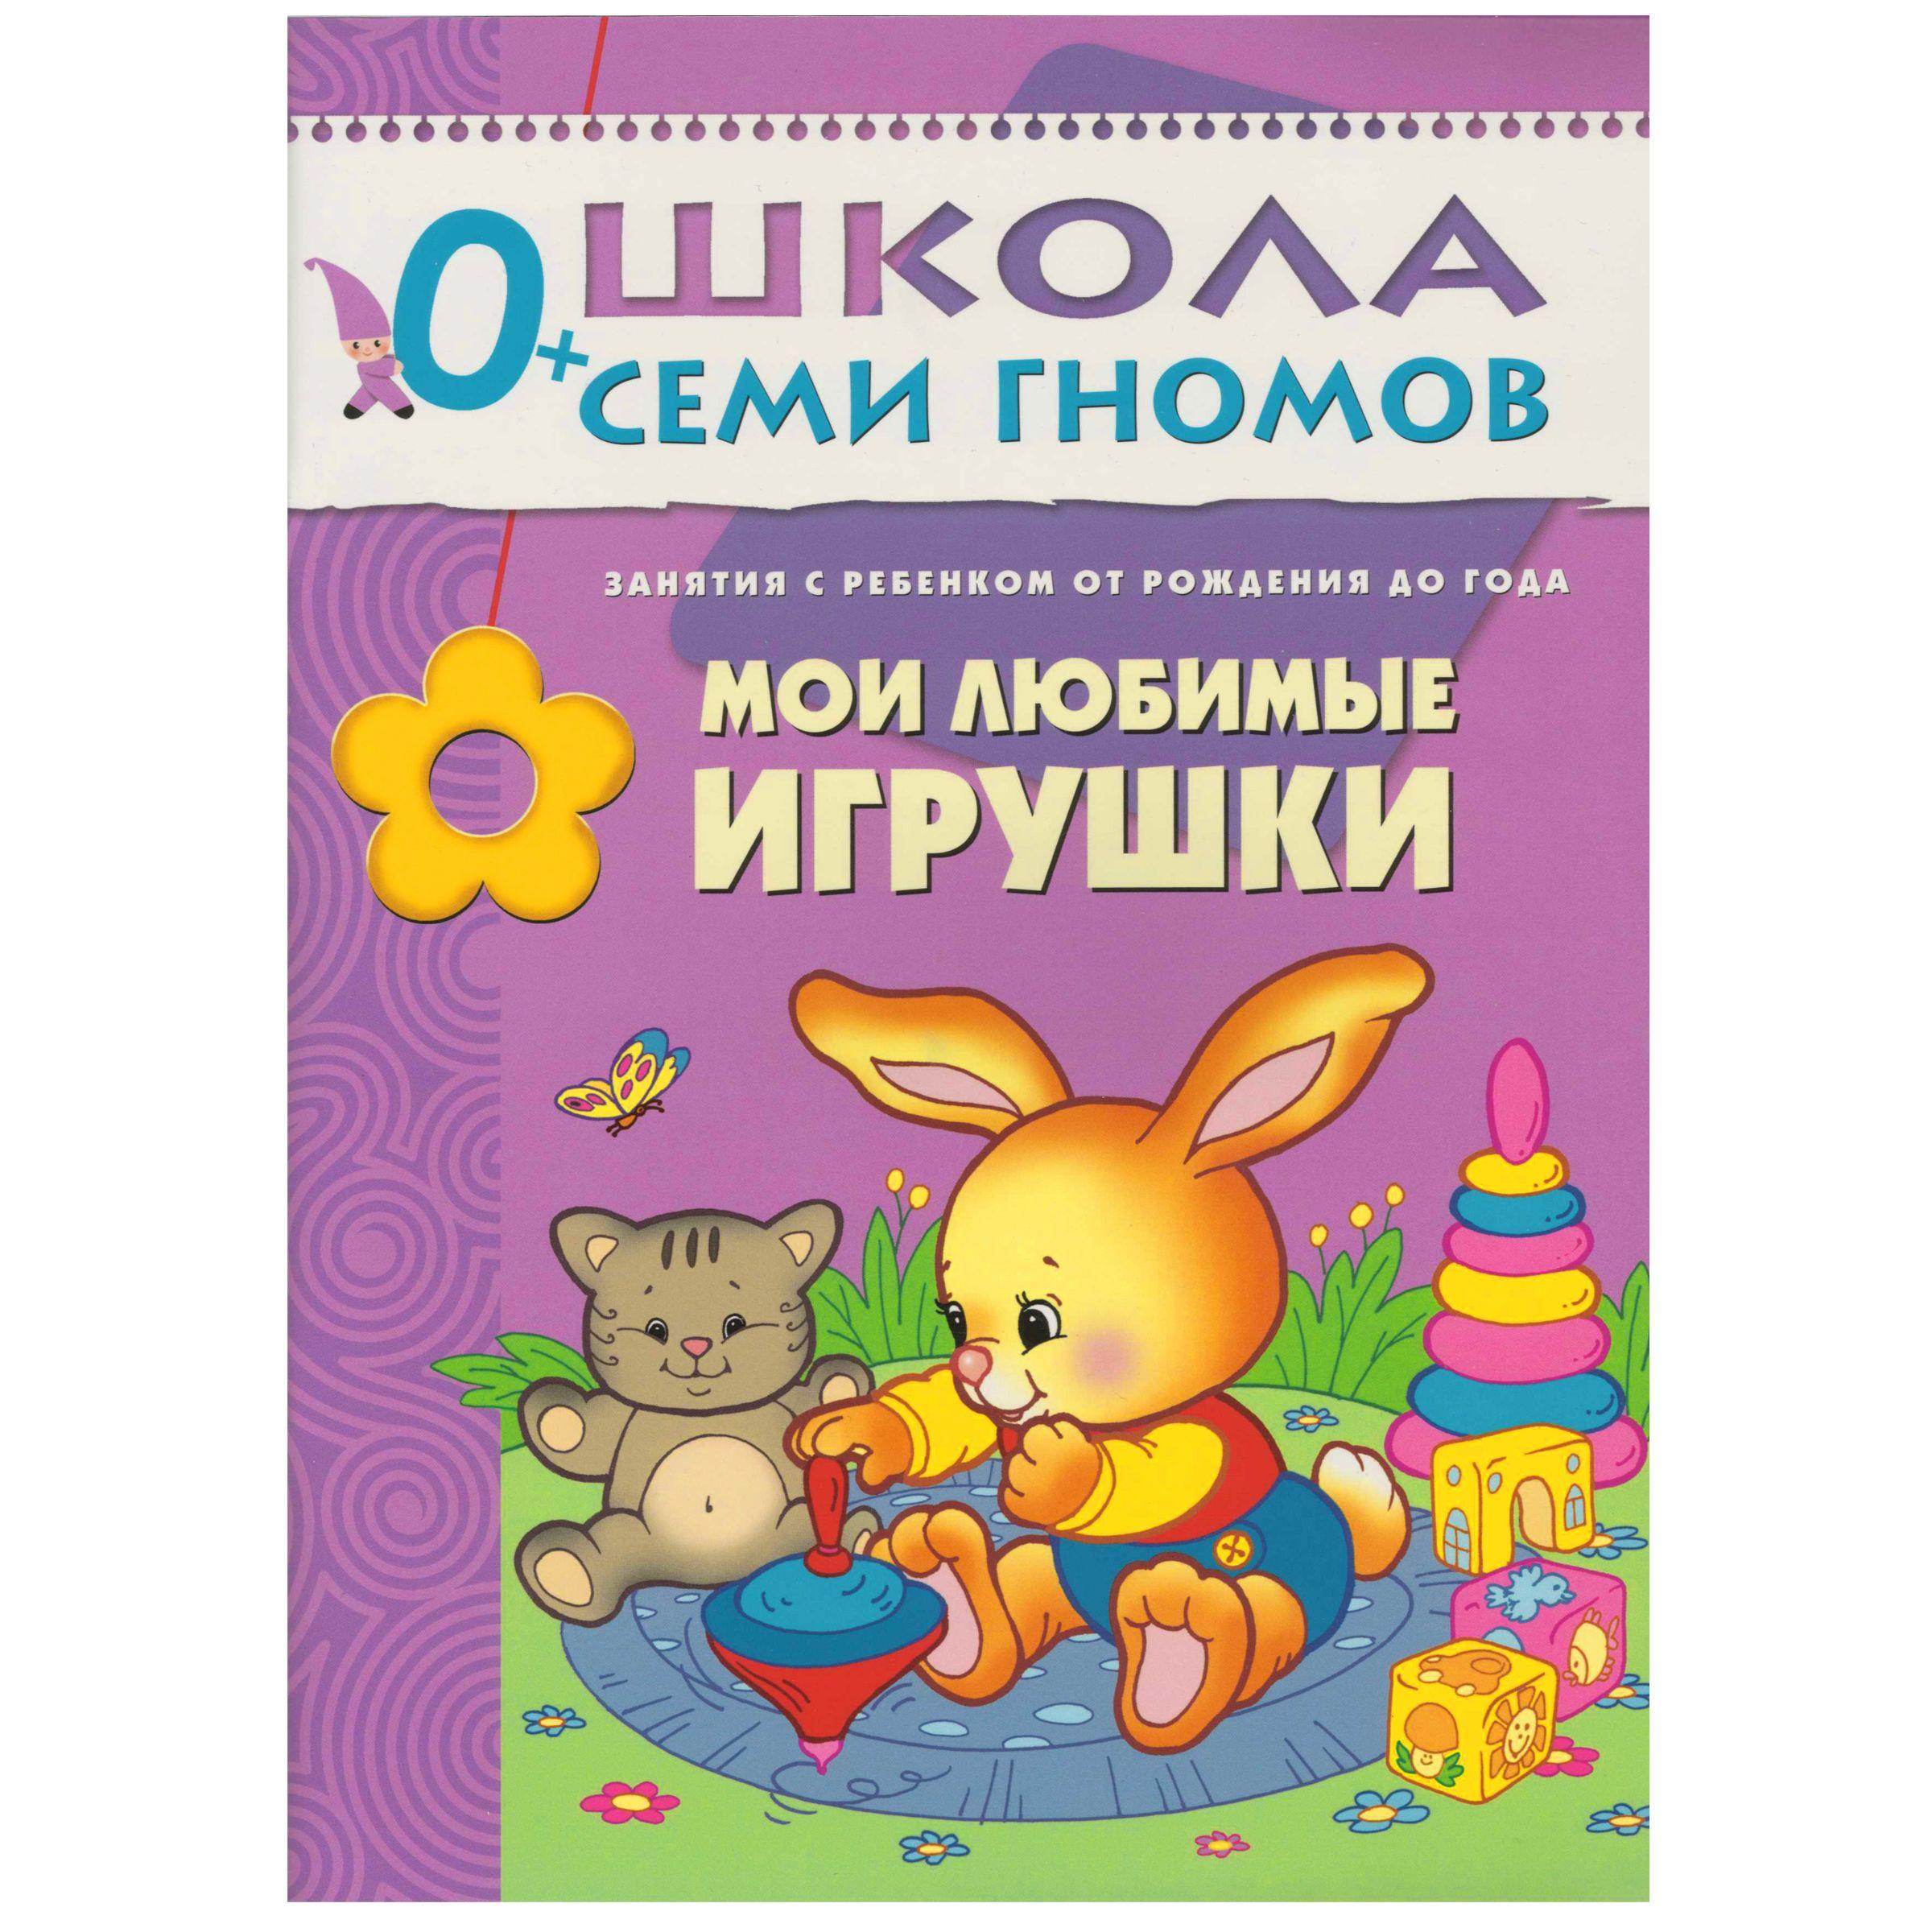 Лучшие книги для детей 3 - 4 лет. список сказок и стихов зарубежных авторов – жили-были